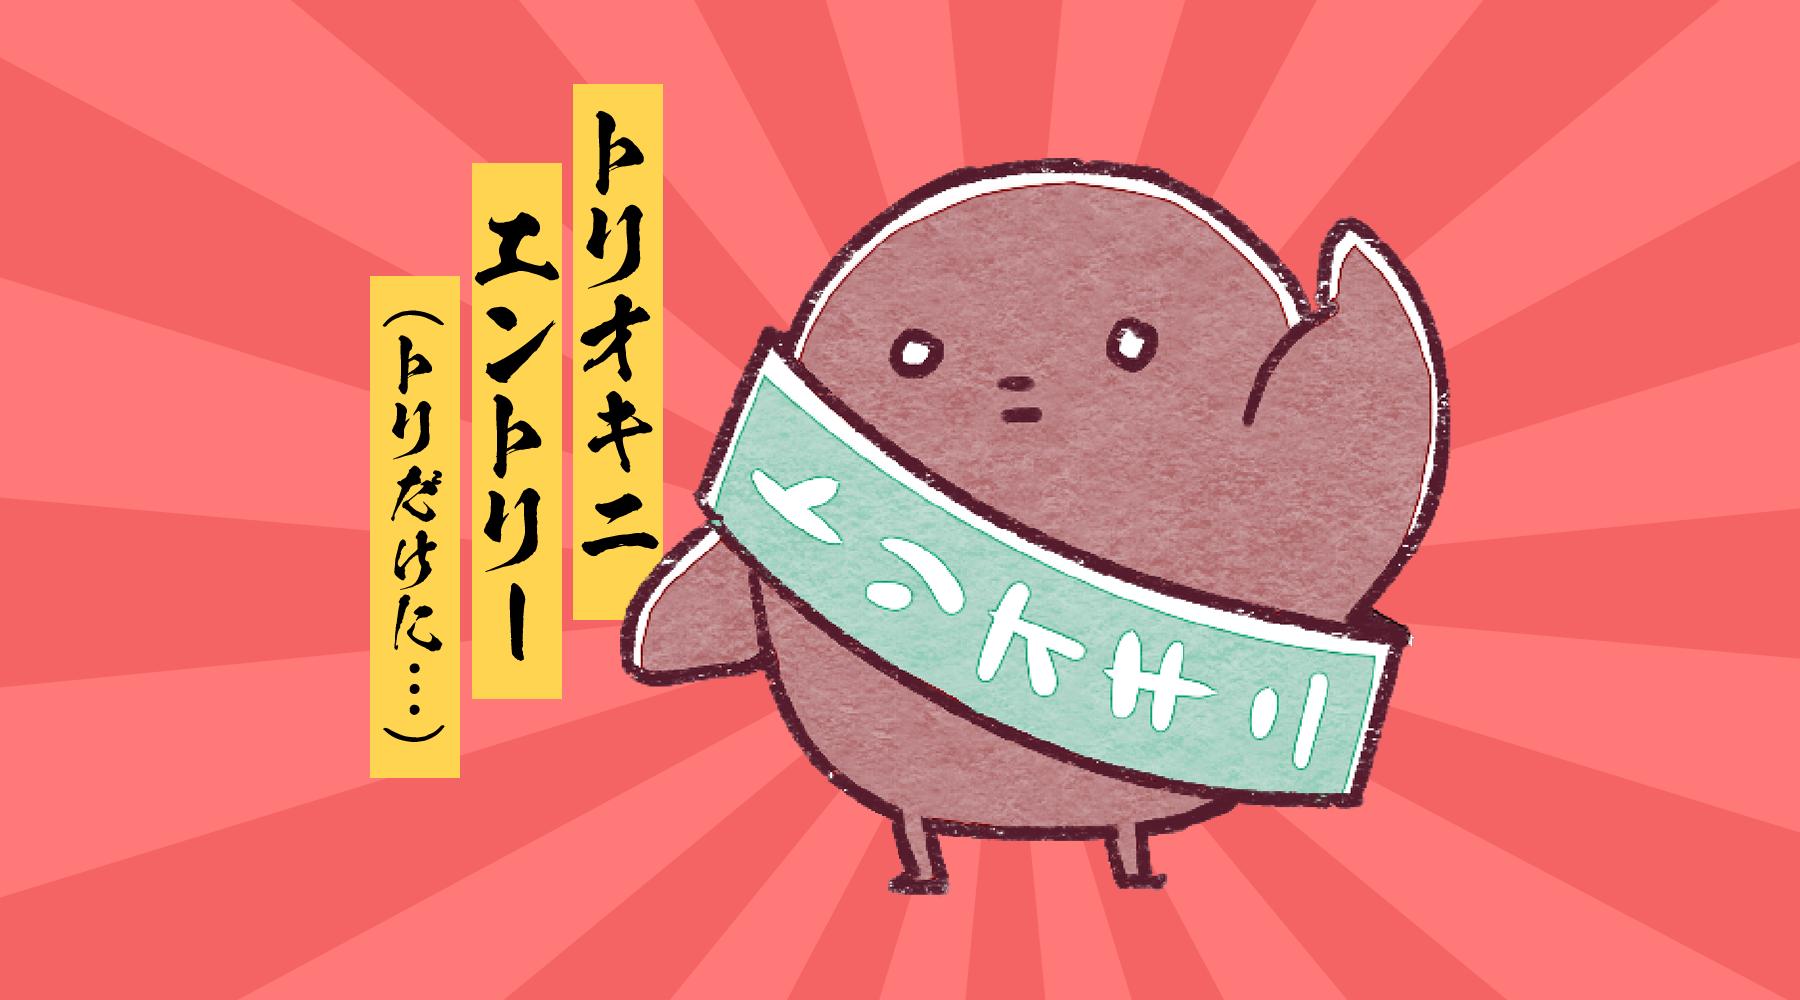 キャラクター総選挙2020にトリオくんがエントリー!!